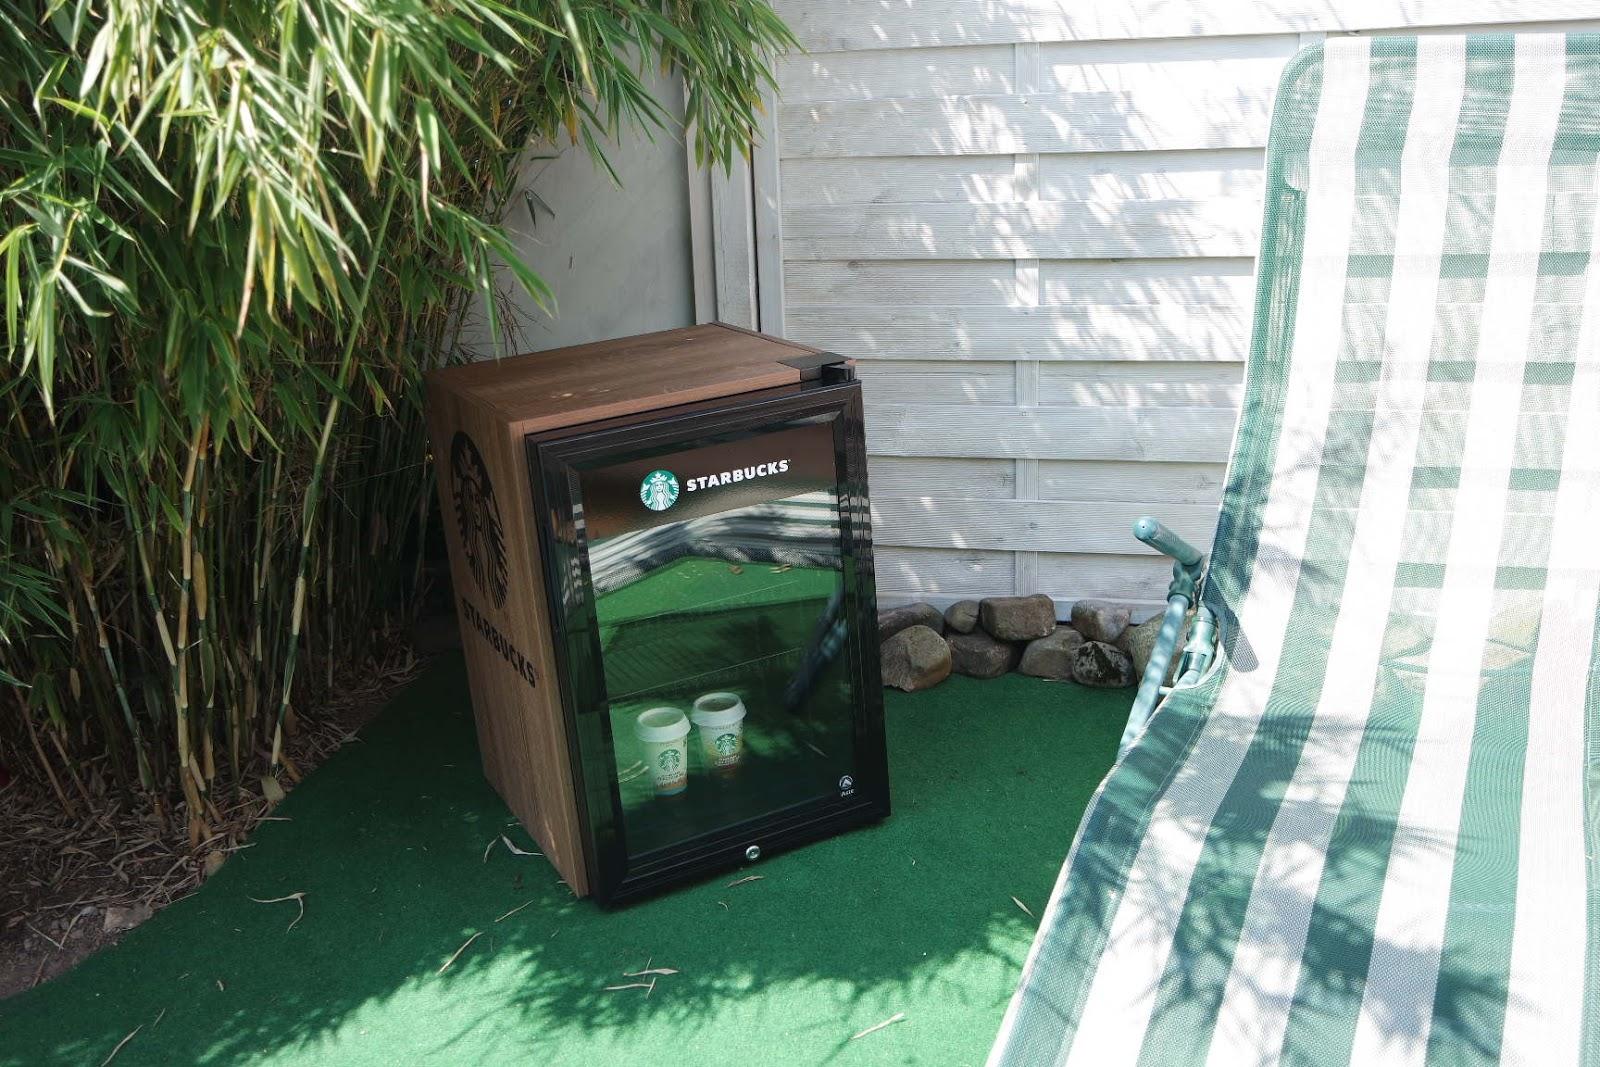 Mini Kühlschrank Für Reisen : Giveaway gewinne einen starbucks mini kühlschrank u a soulsister